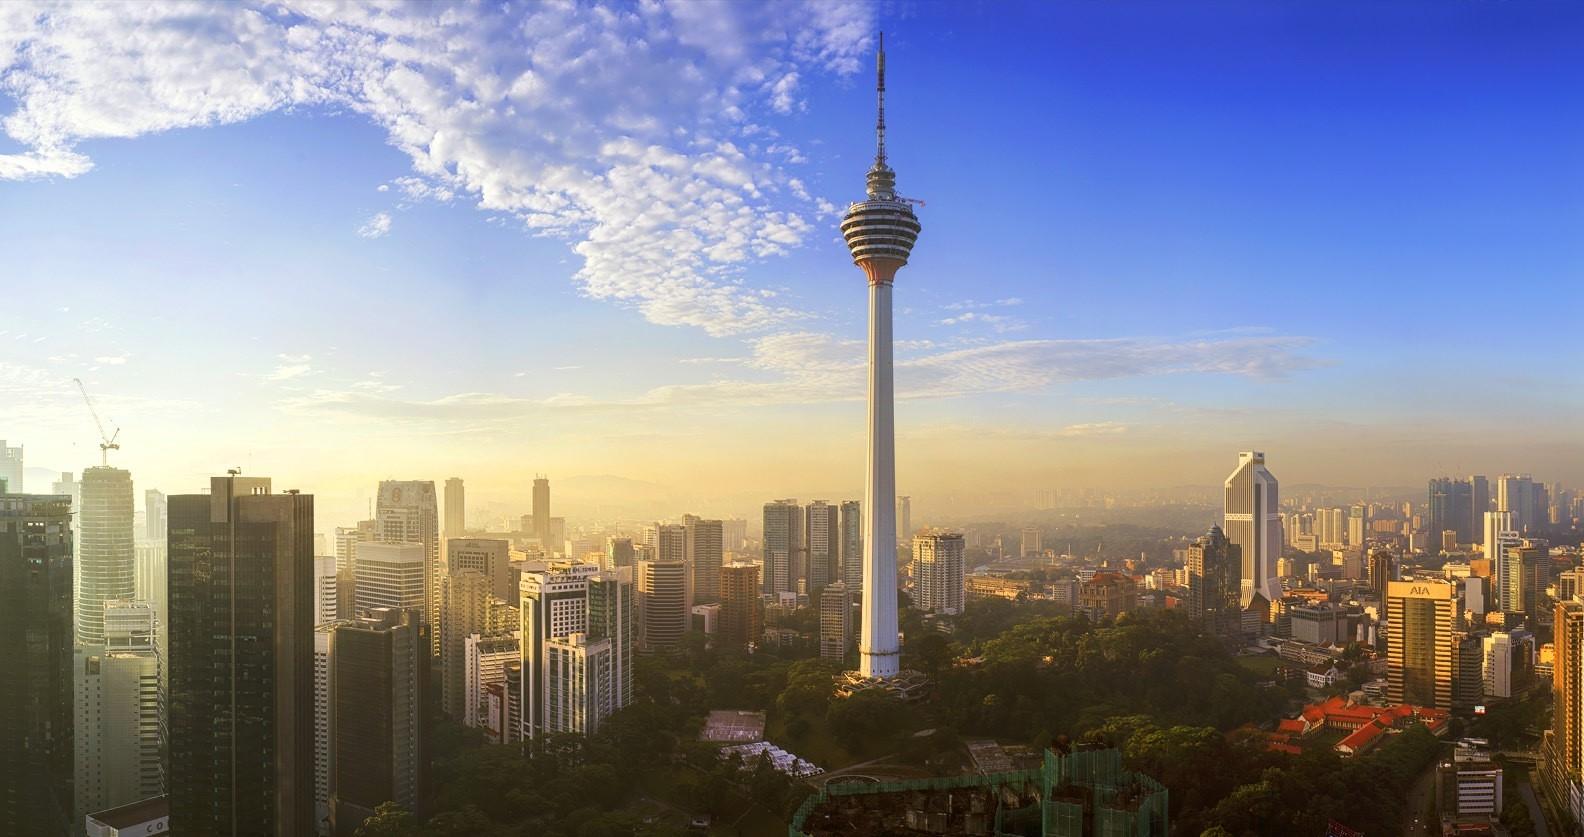 الاماكن السياحيه ماليزيا كوالالمبور مناره كوالالمبور